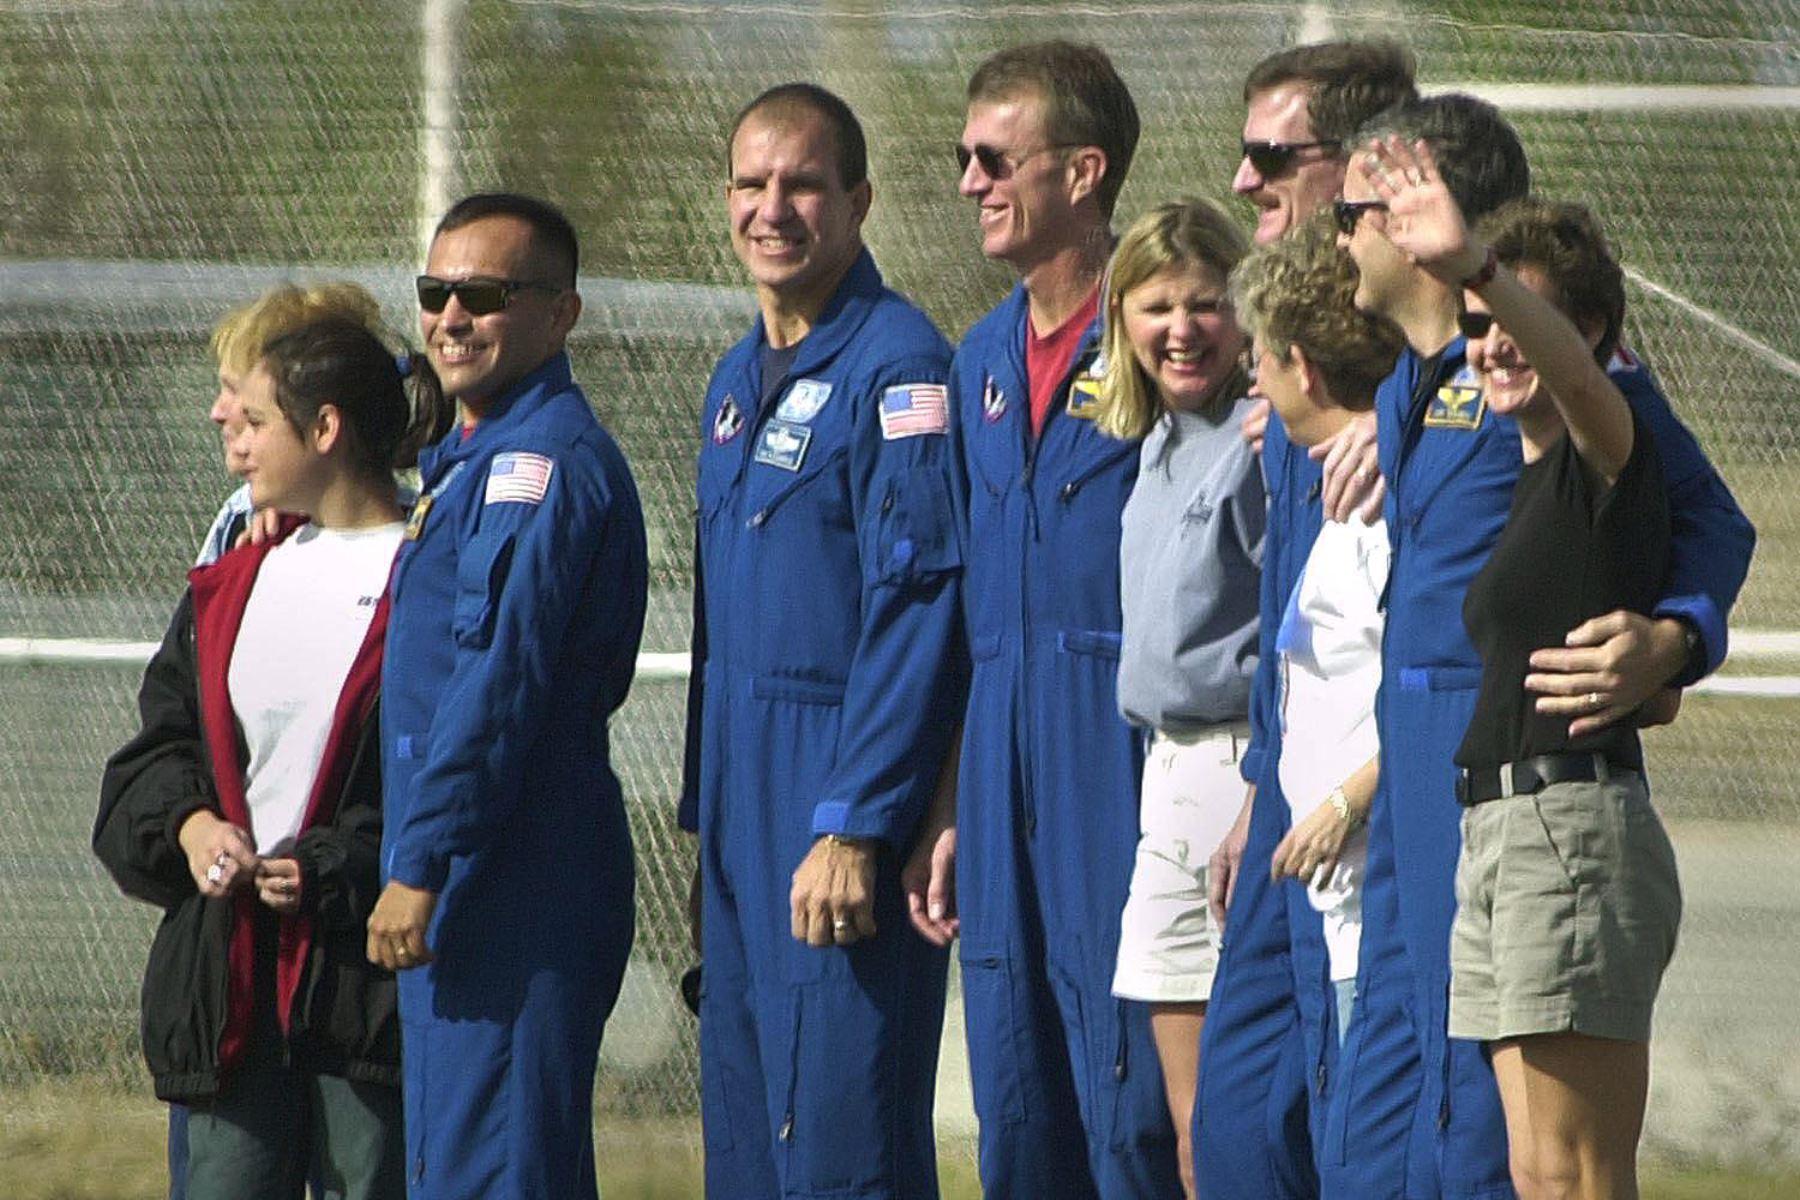 Equipo de cinco hombres del transbordador espacial Endeavour en el Centro Espacial Kennedy el 29 de noviembre de 2000. Foto: AFP